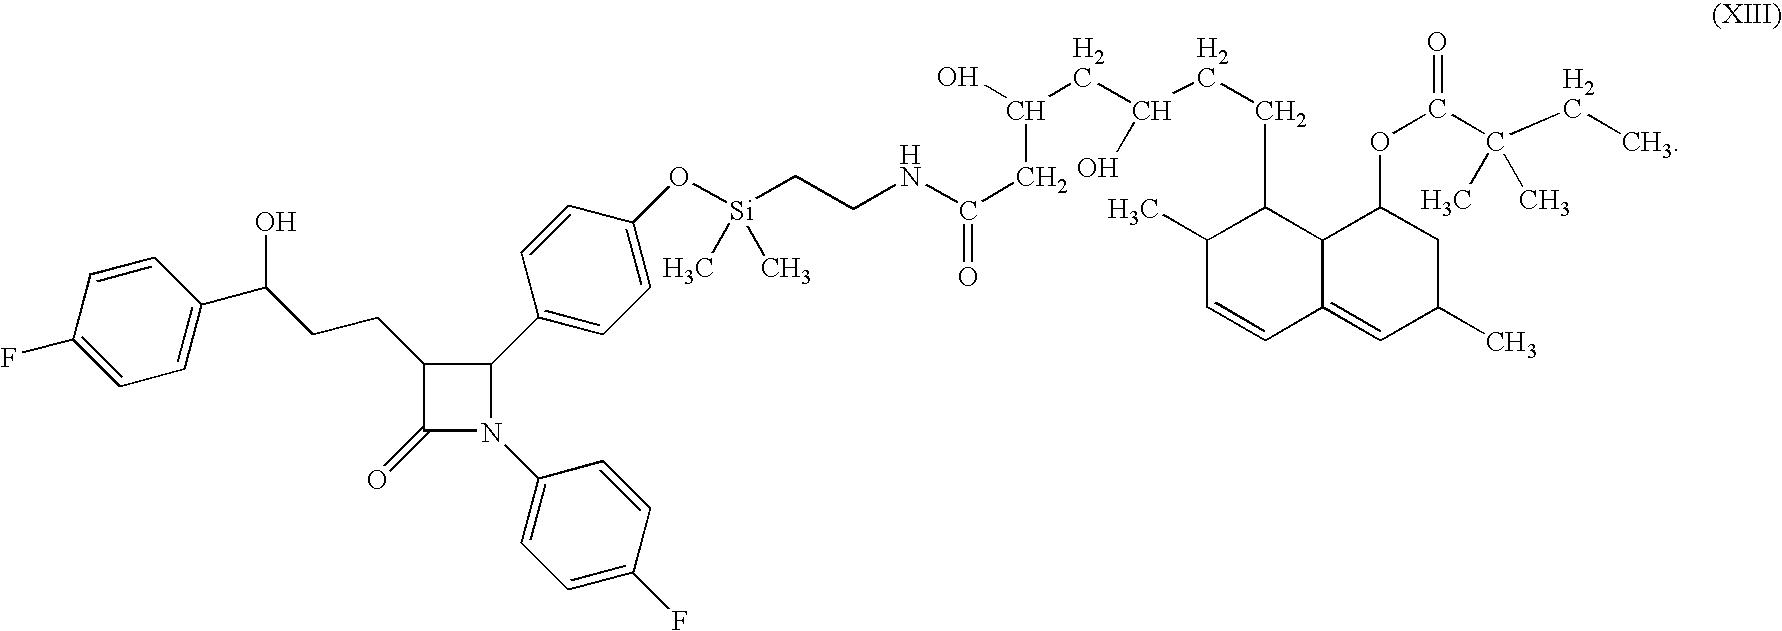 Figure US07741289-20100622-C00026